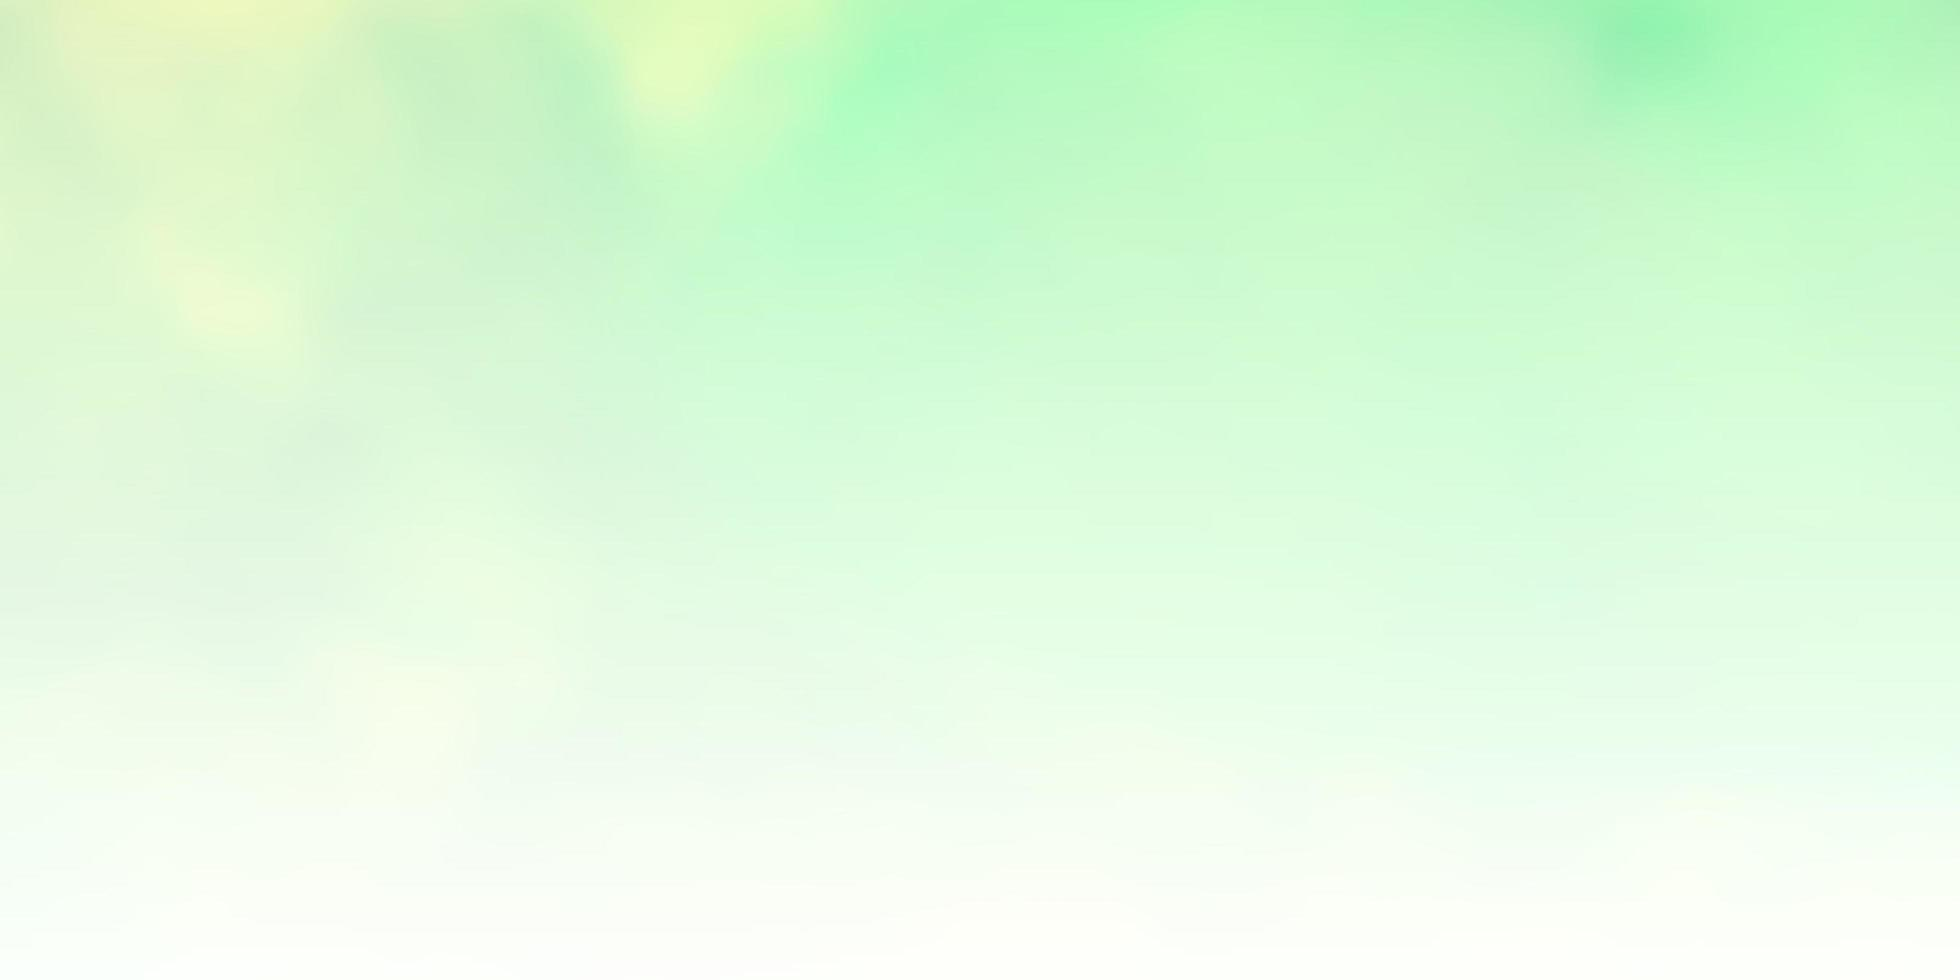 modello verde chiaro, giallo con cielo, nuvole. vettore